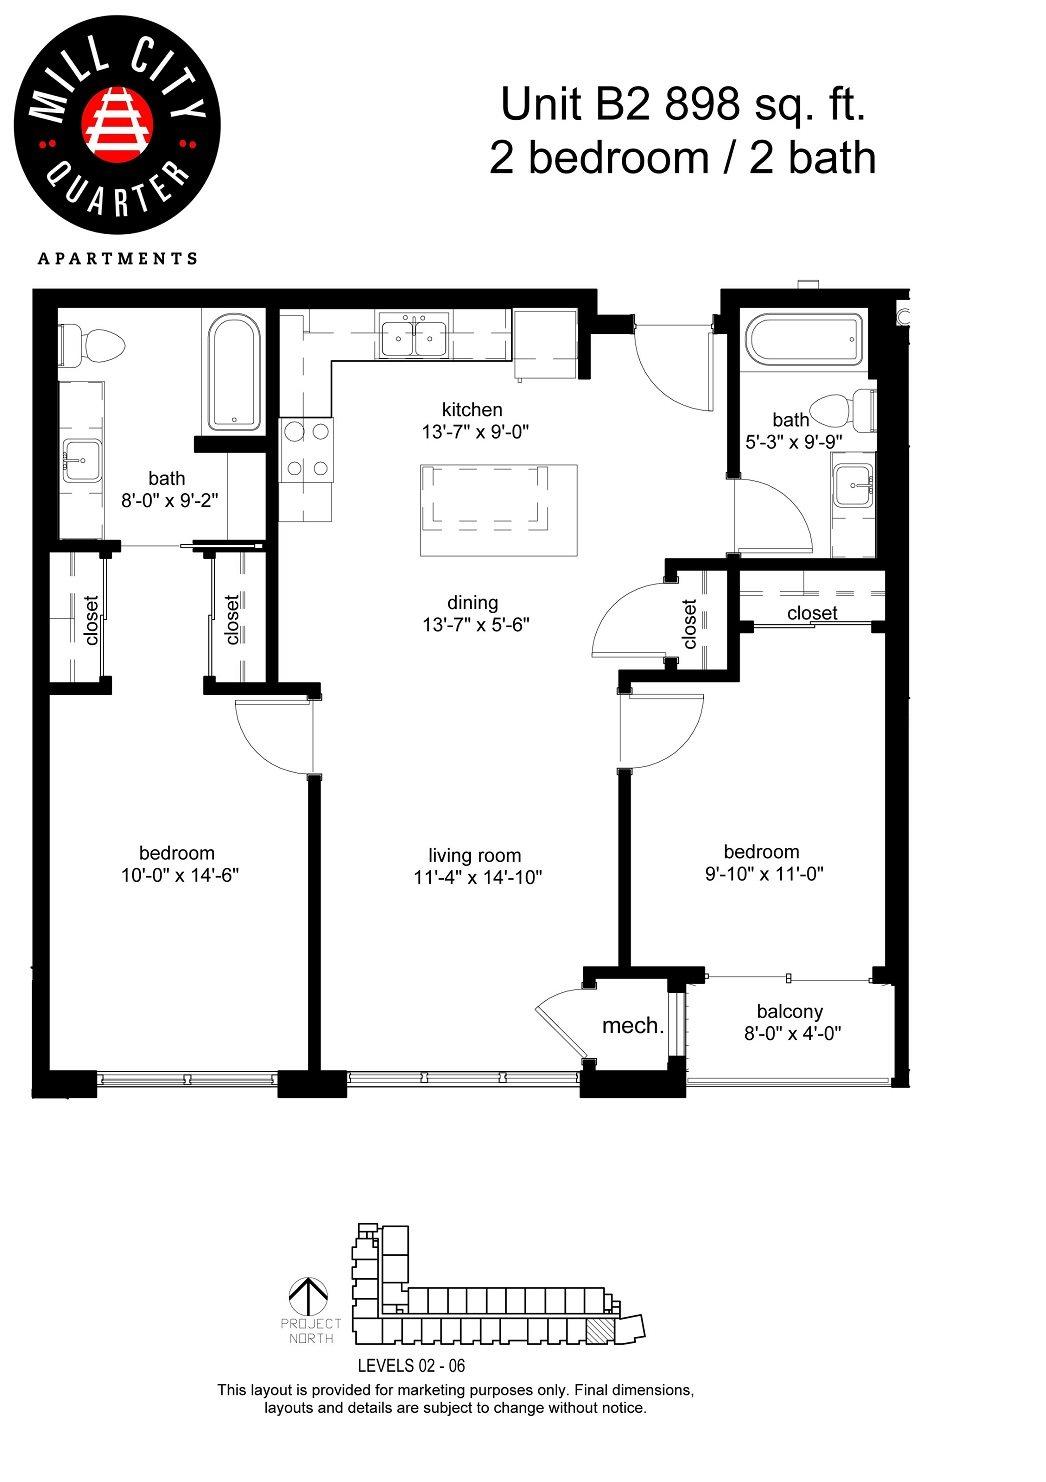 2x2 Floor Plan 6